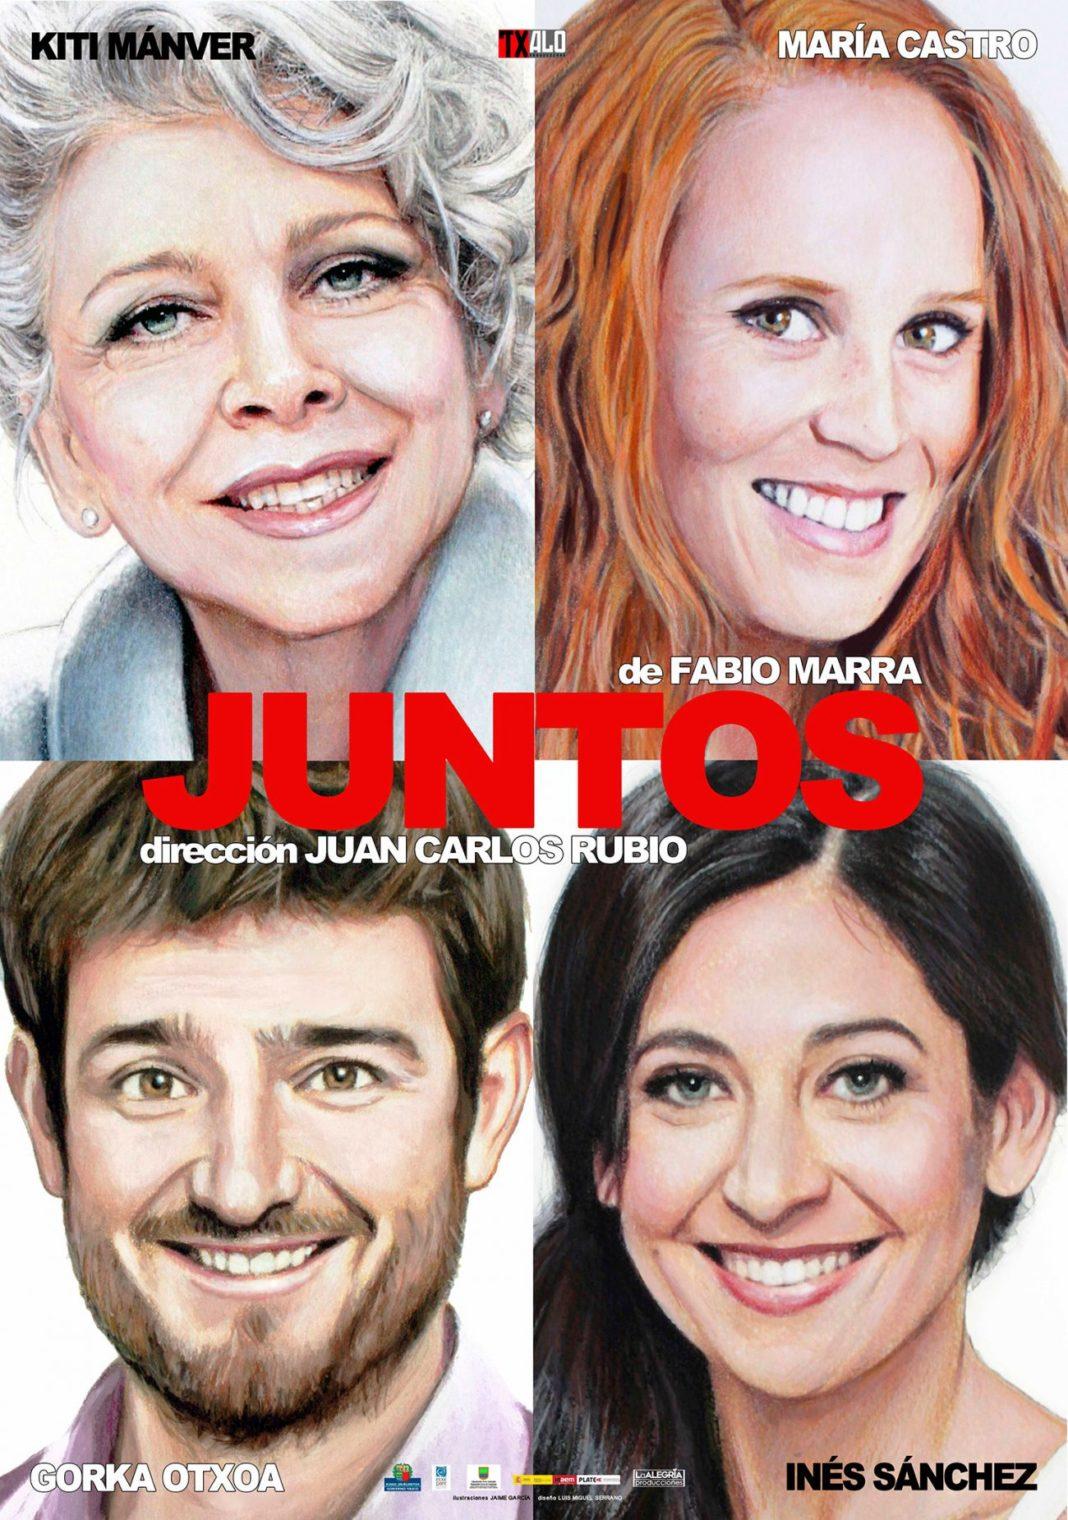 JUNTOS cartelampliado C 1300x1850 1068x1520 - El domingo 15 de diciembre llega al Auditorio Municipal la obra de teatro «Juntos»